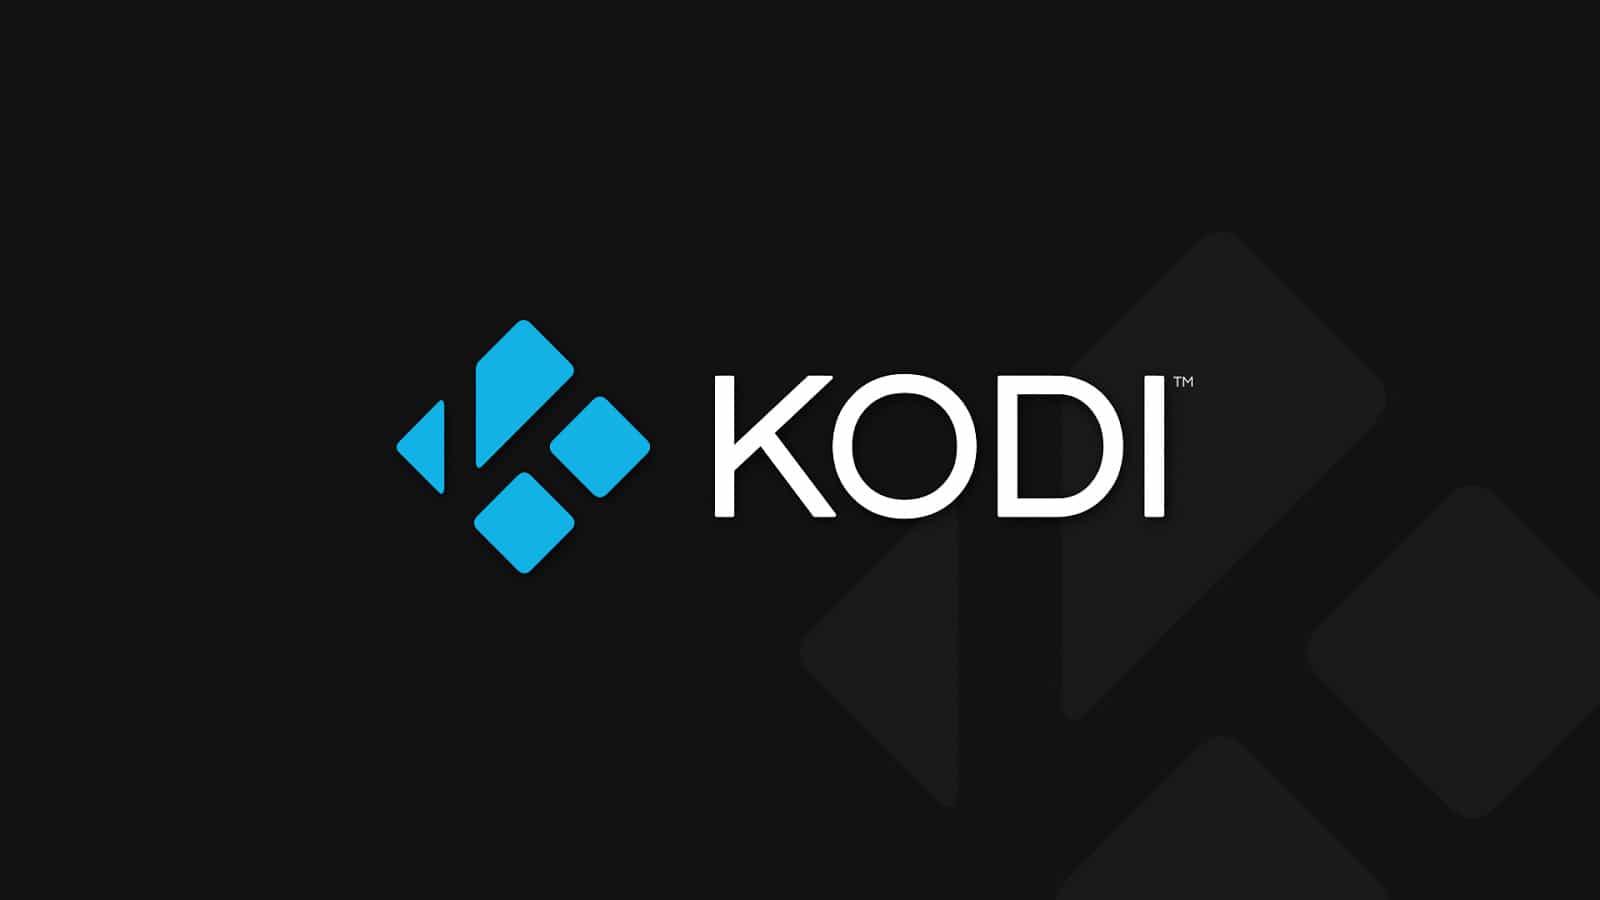 Пользователи ряда аддонов для Kodi оказались заражены майнинговой малварью